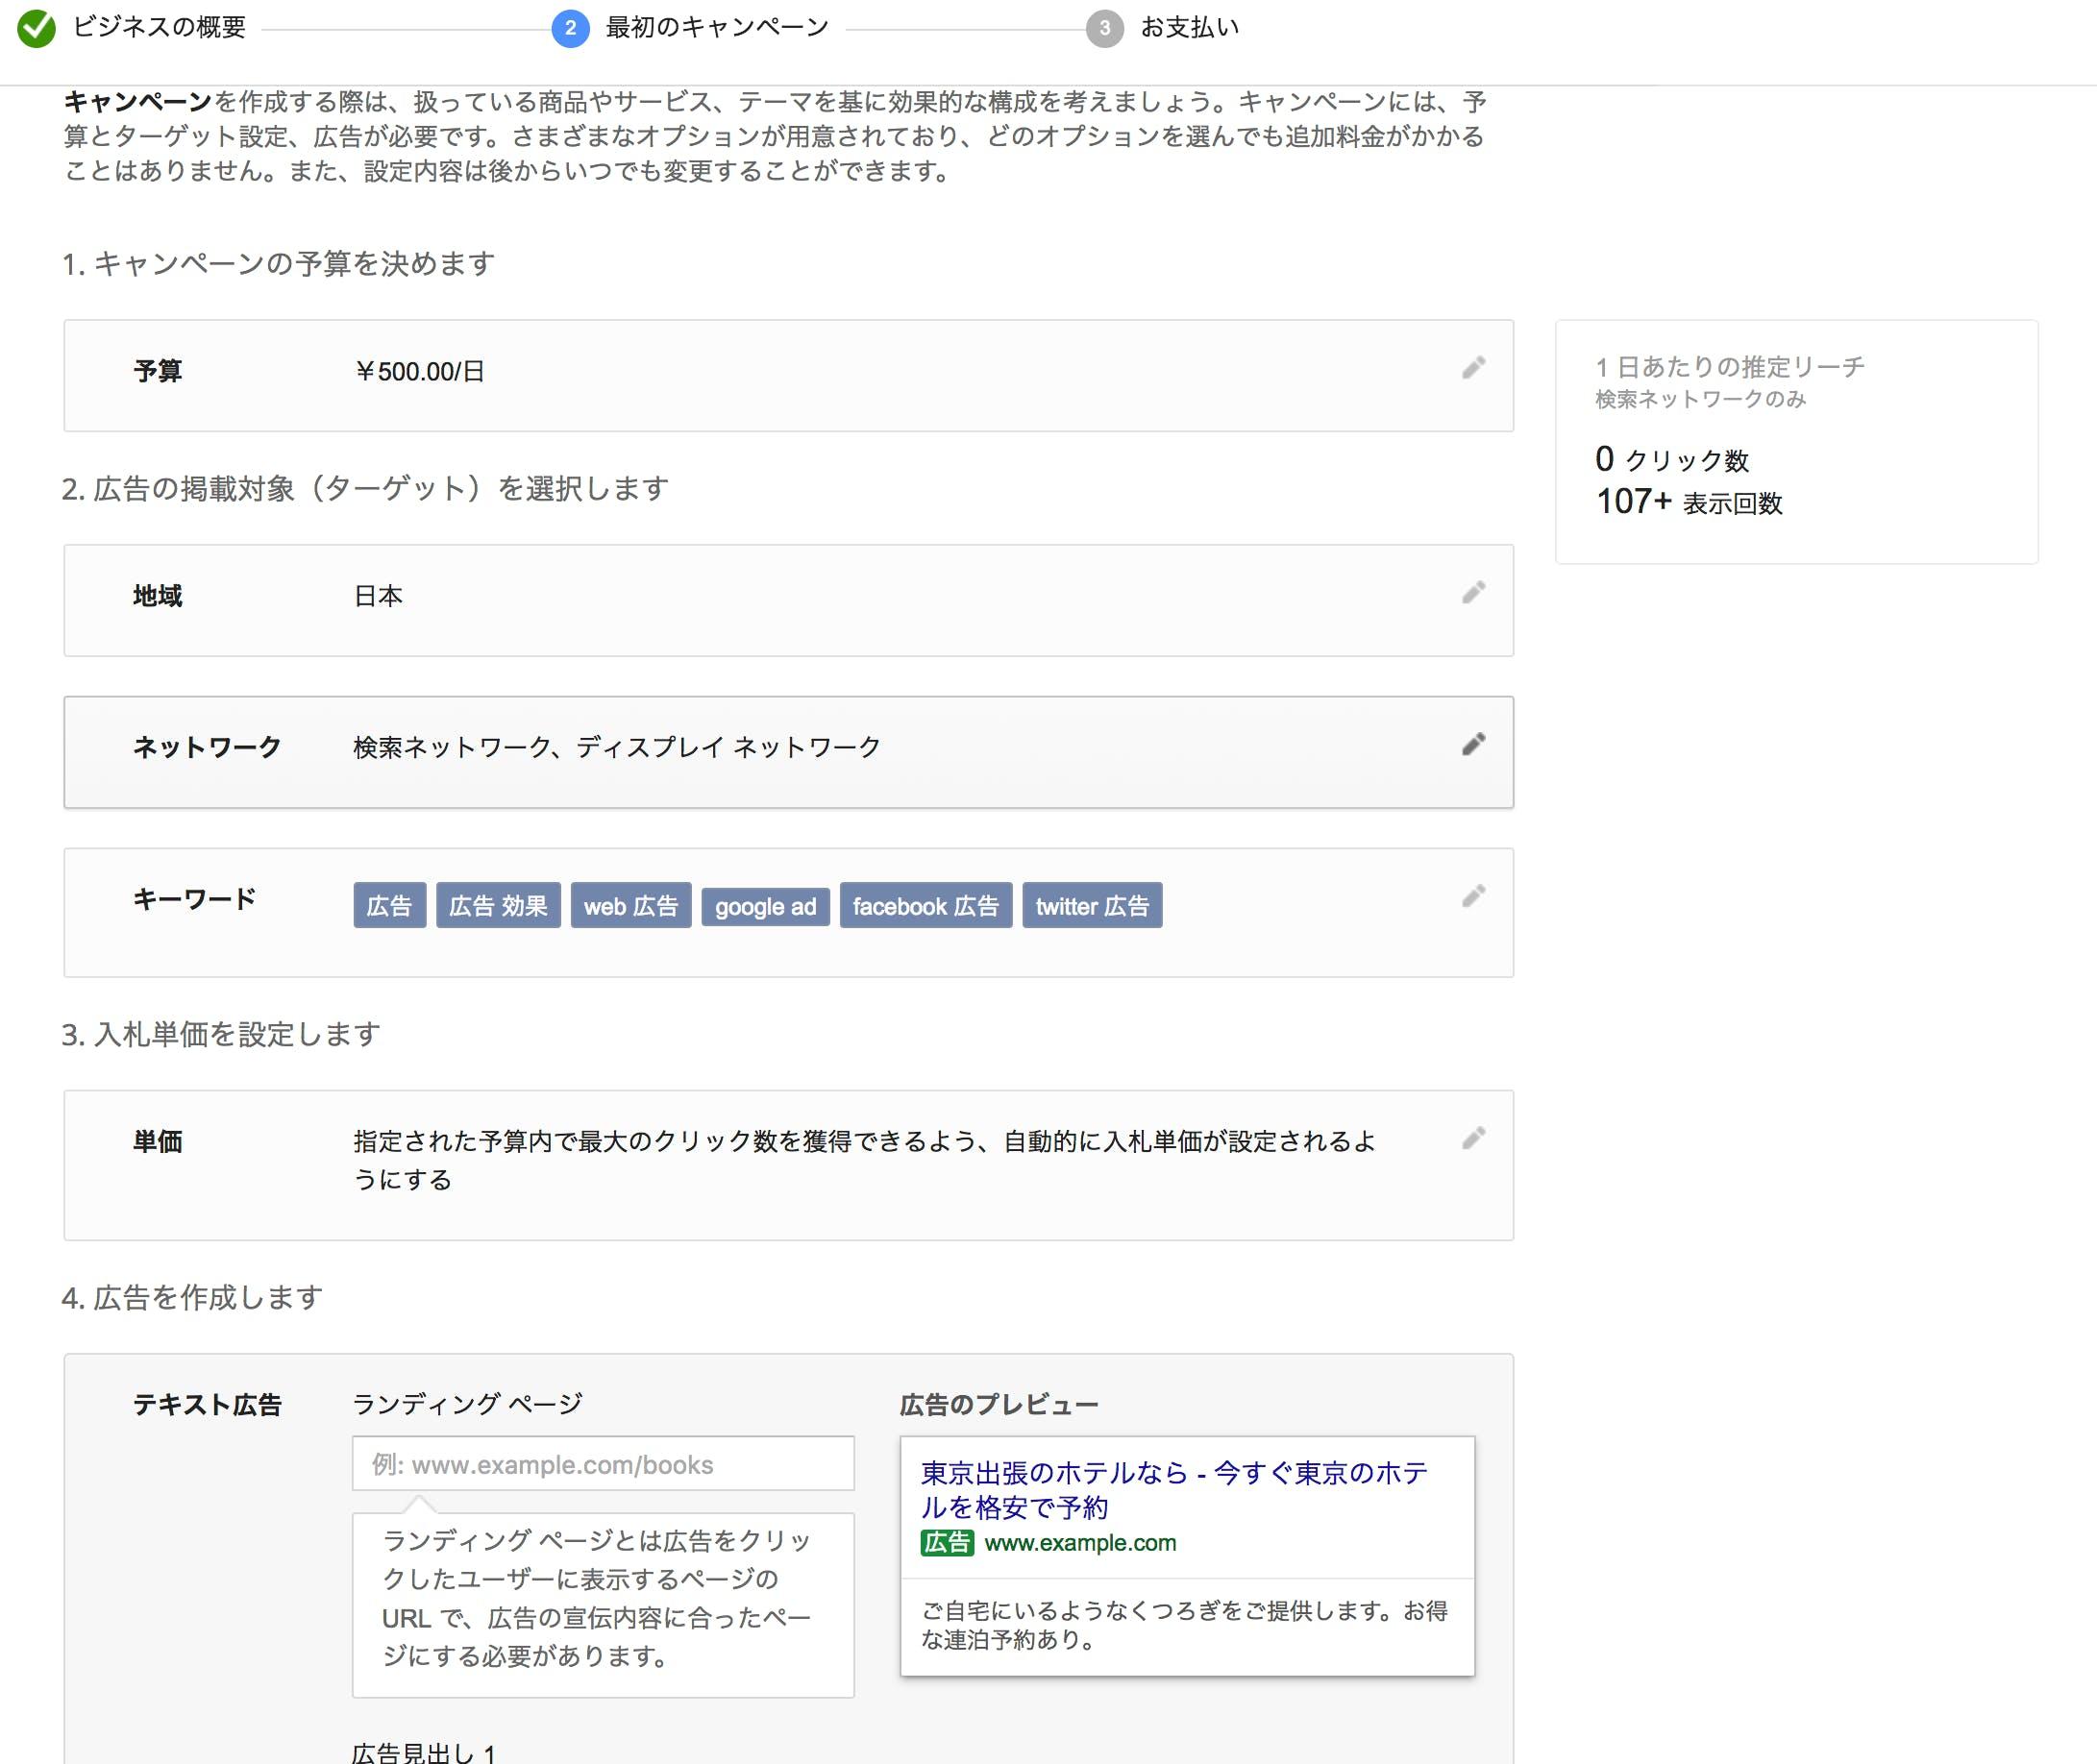 スクリーンショット 2017-10-23 20.05.05.png